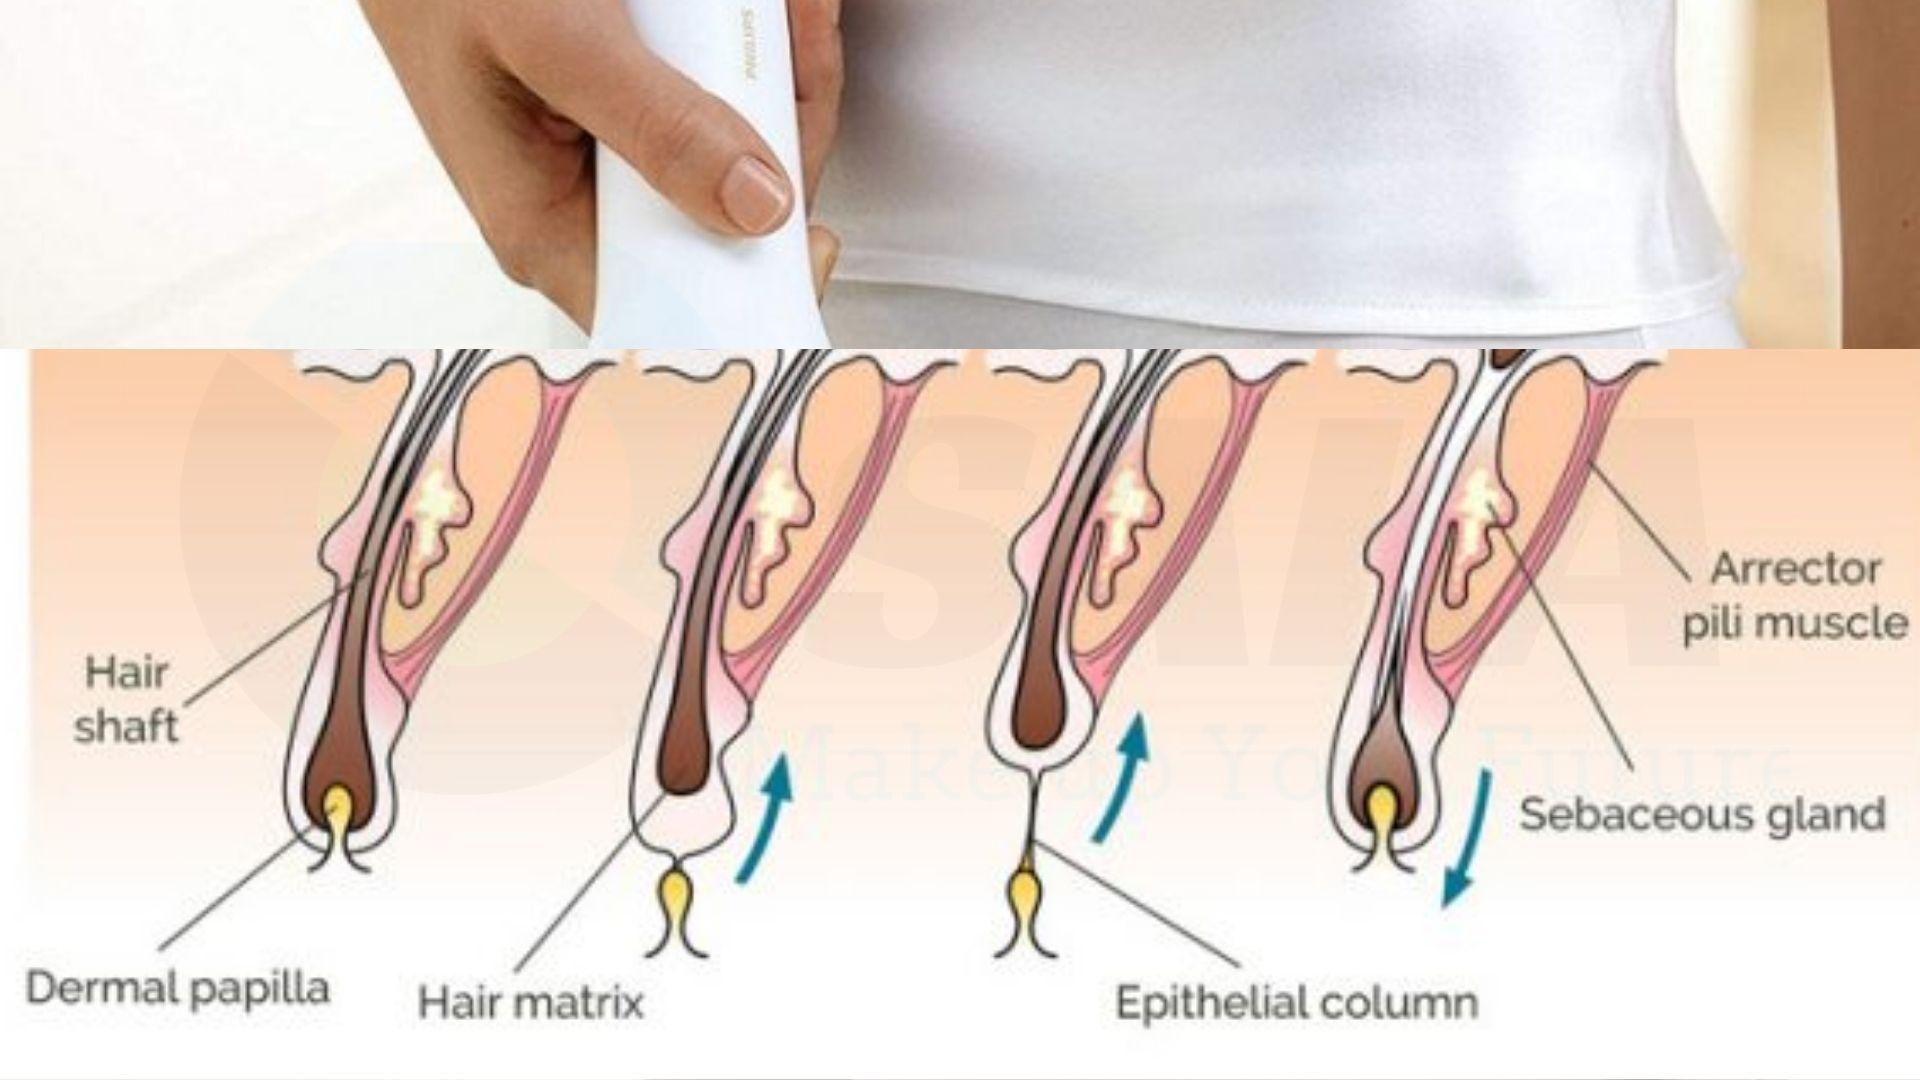 Máy triệt lông vĩnh viễn có hiệu quả không